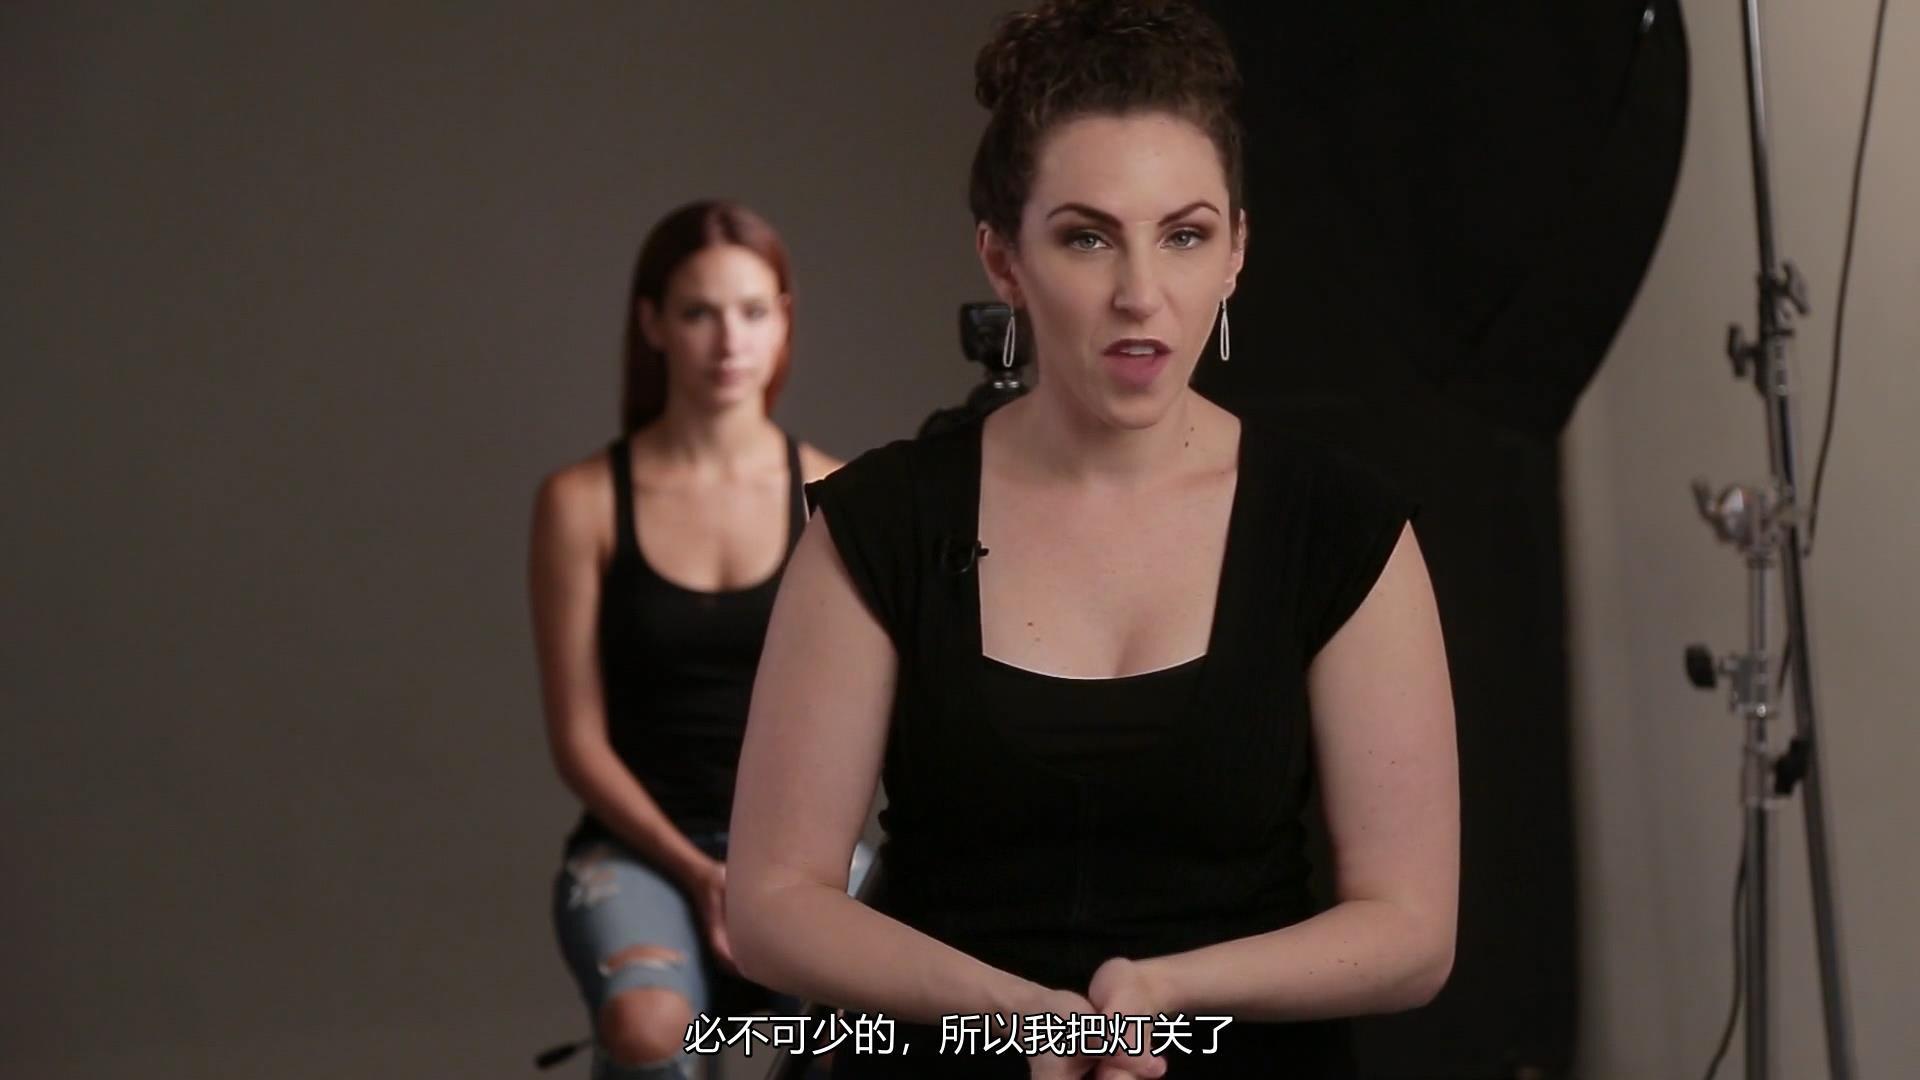 摄影教程_Lindsay Adler为期10周的工作室棚拍布光大师班教程-中文字幕 摄影教程 _预览图9